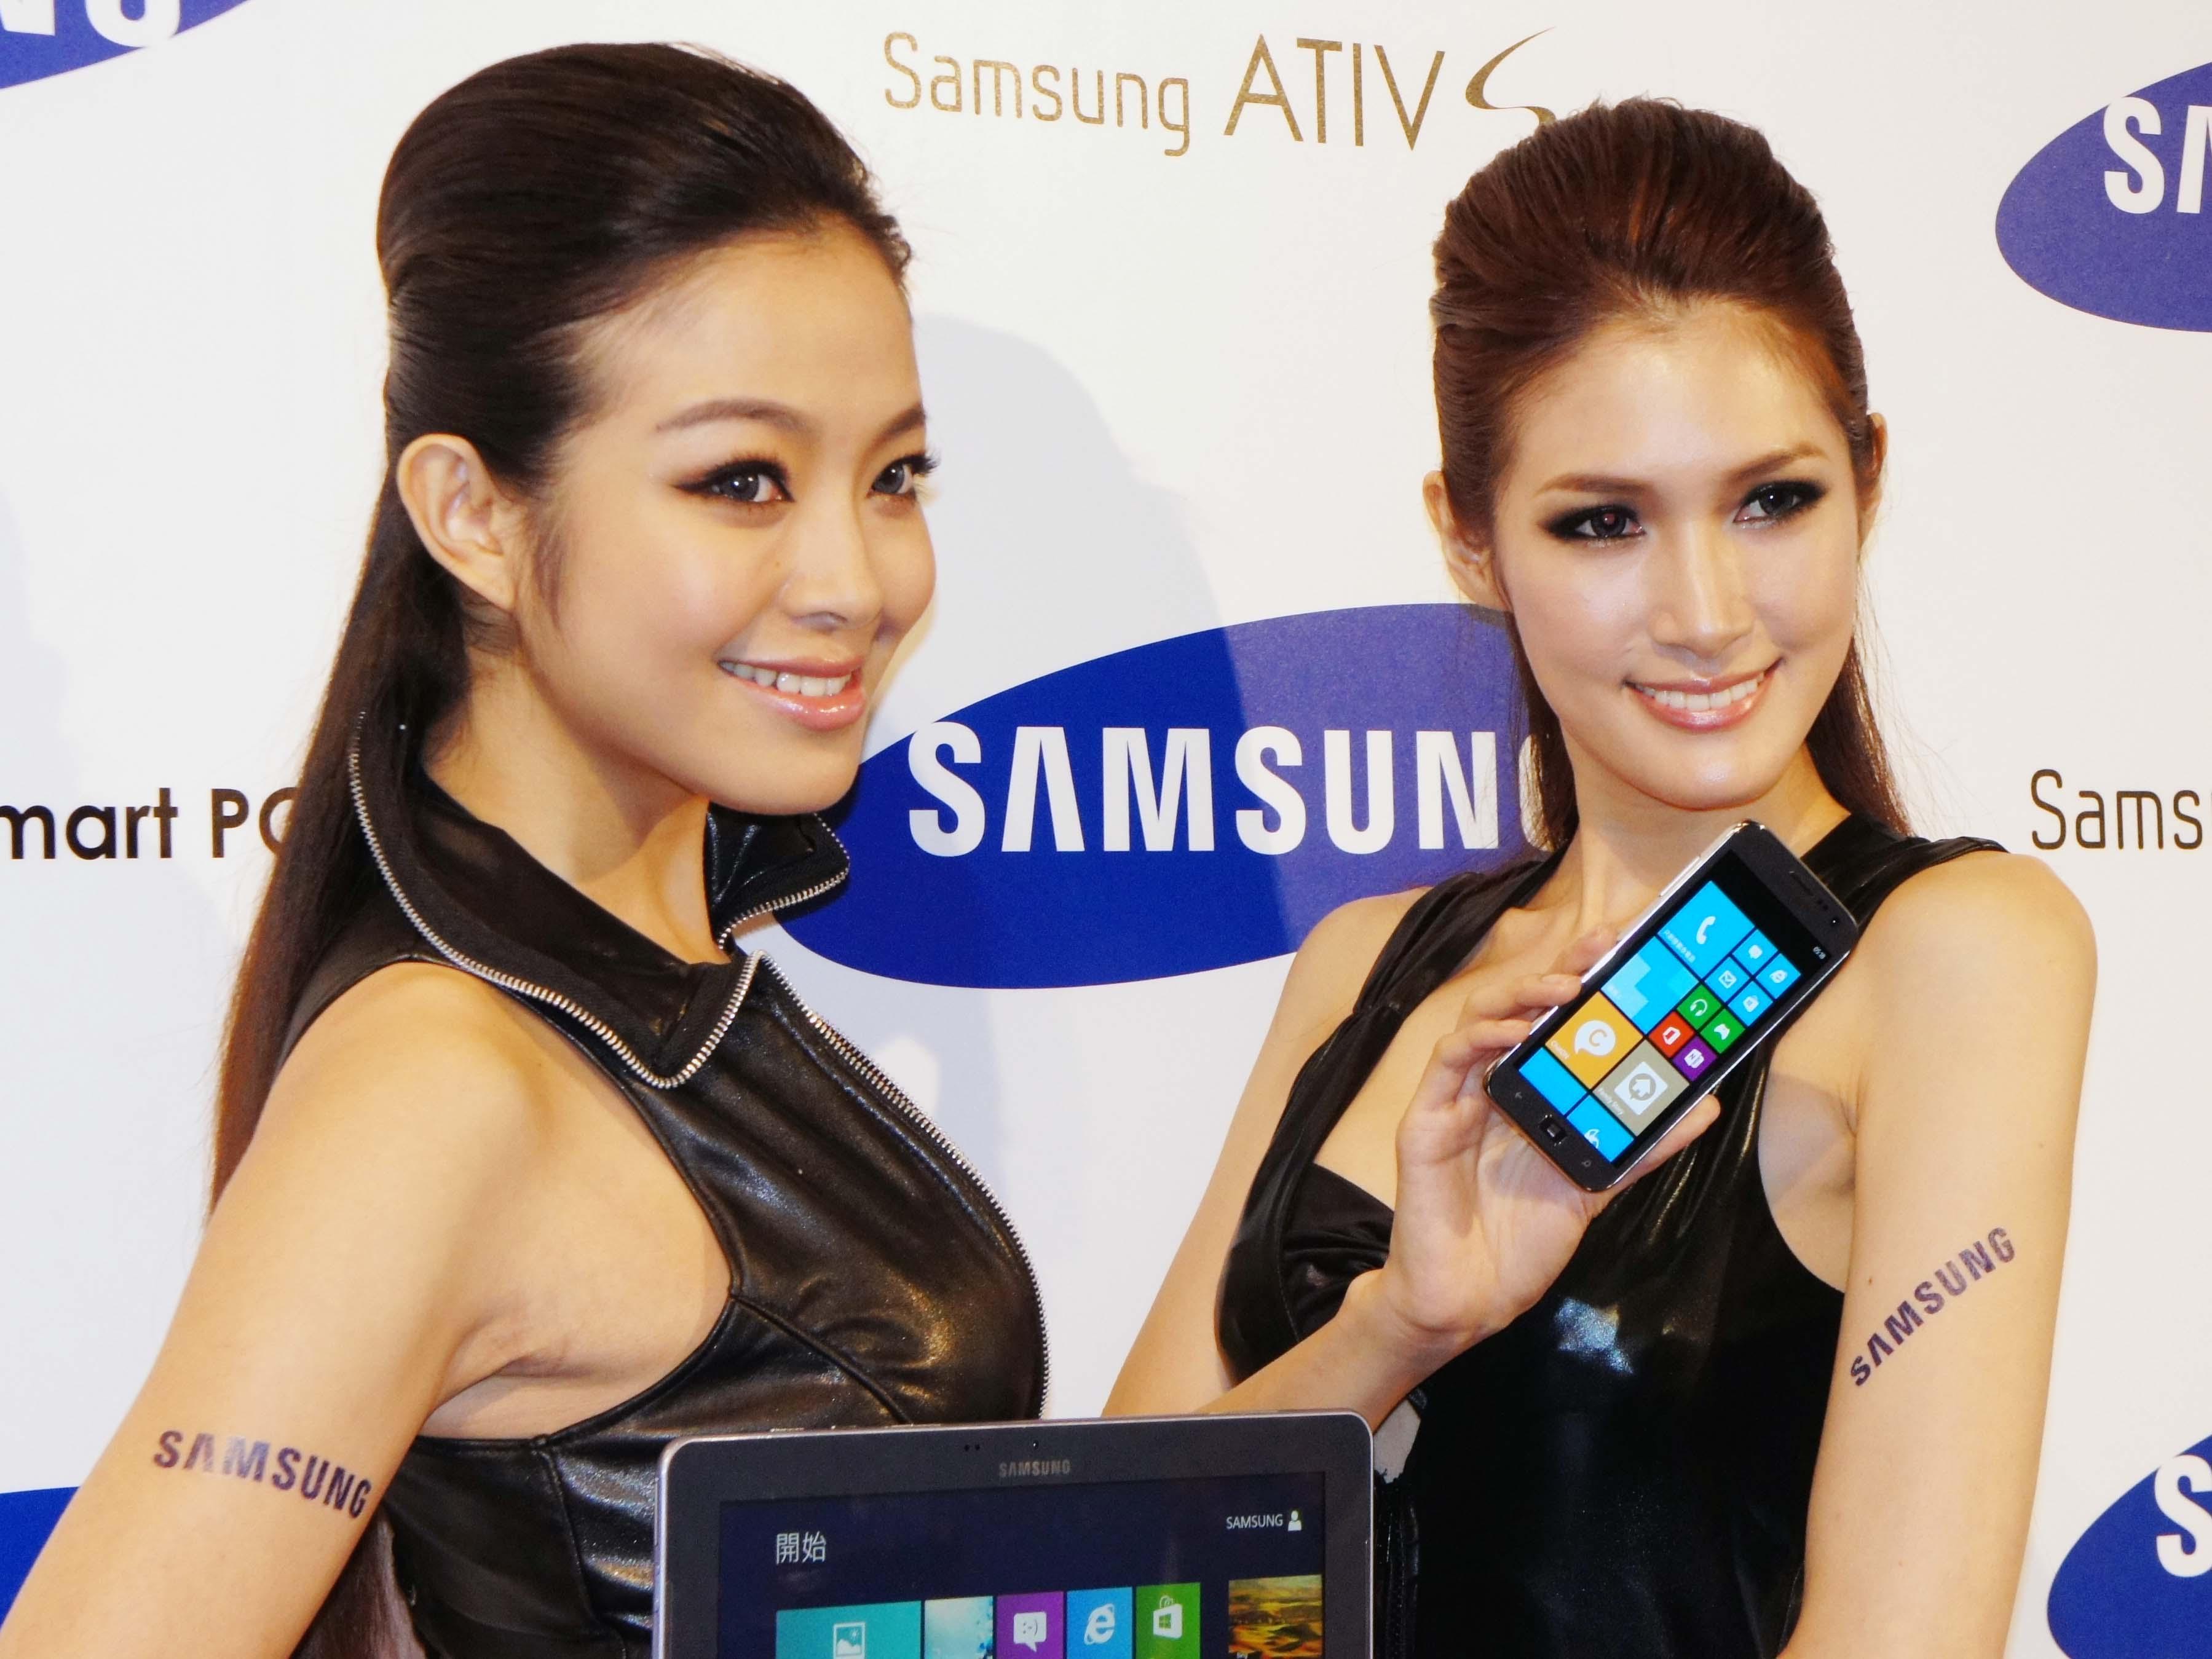 Samsung 首款 Windows Phone 8 手機 ATIV S,一月開賣、售價18,900元